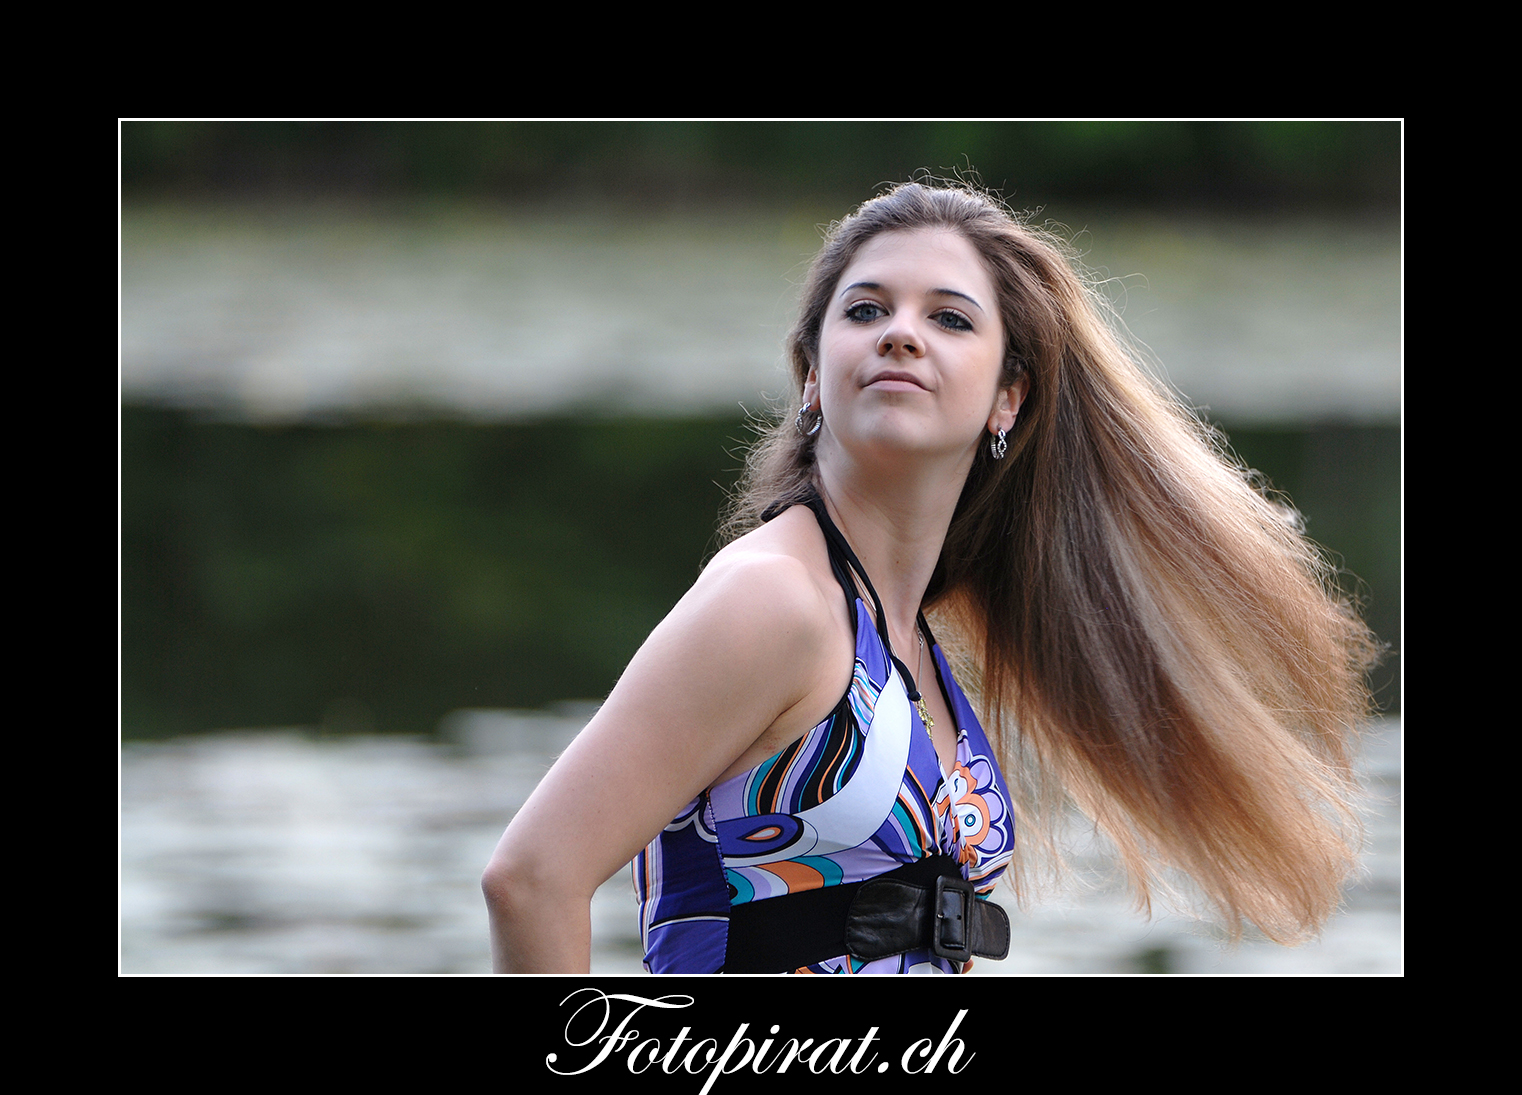 Fotoshooting, outdoor, Modelagentur, Sportmodel, Fitnessmodel, Portrait, schöne Augen